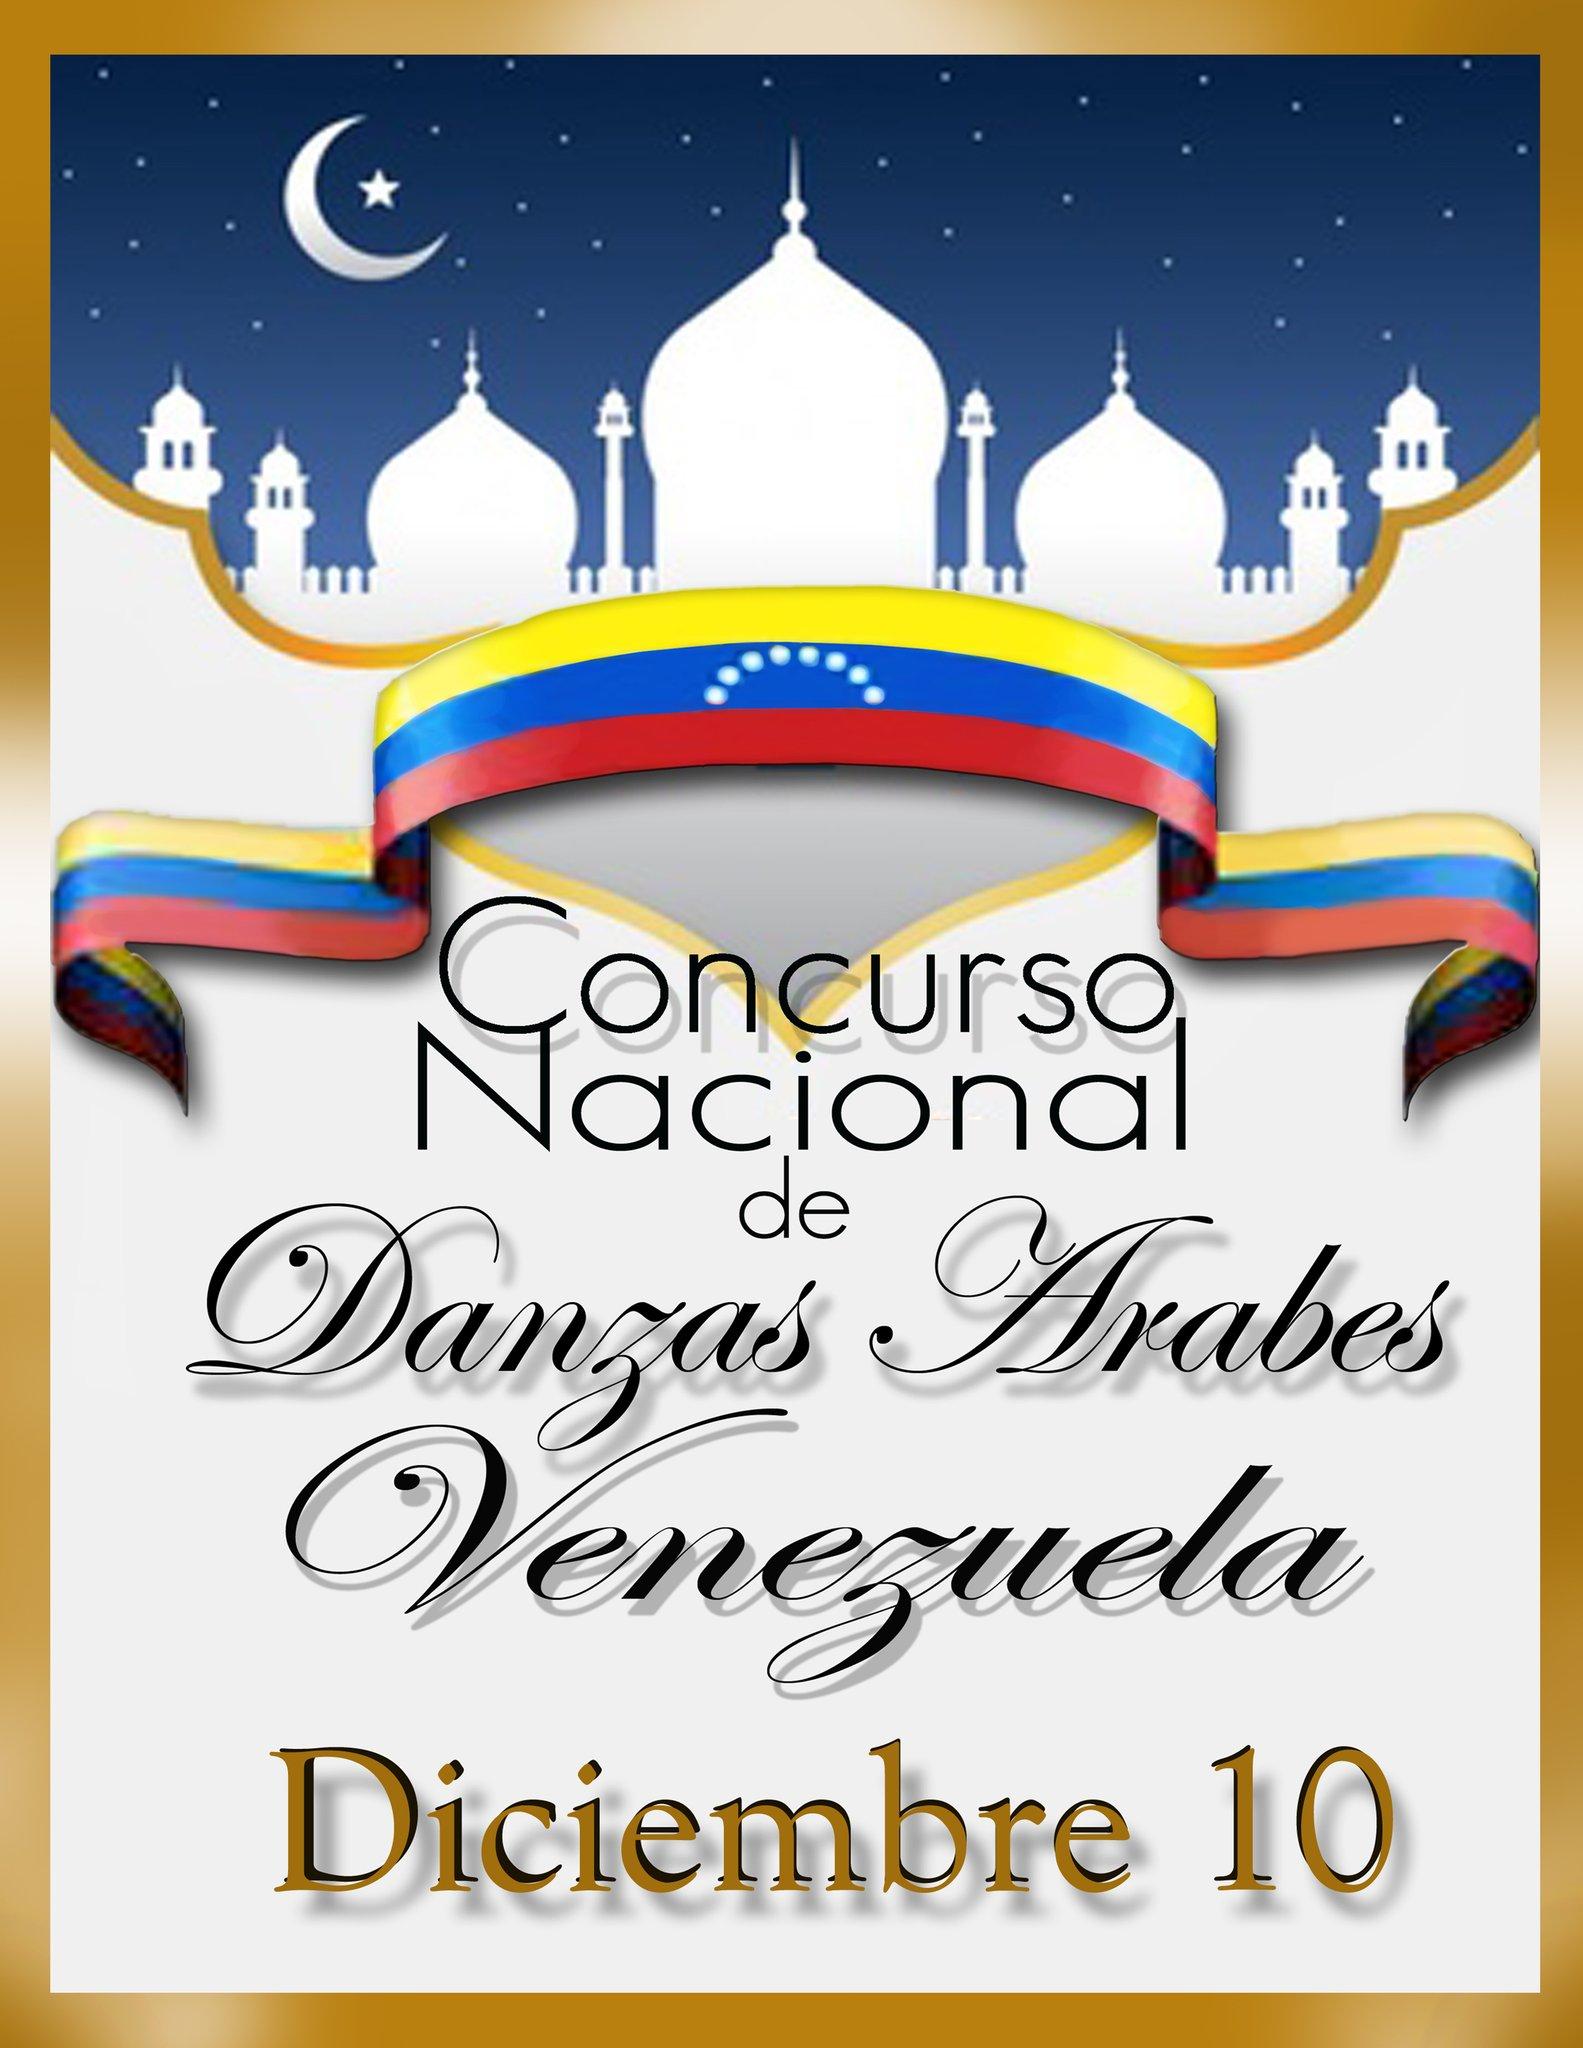 REVISTA PYMES VENEZUELA - cover